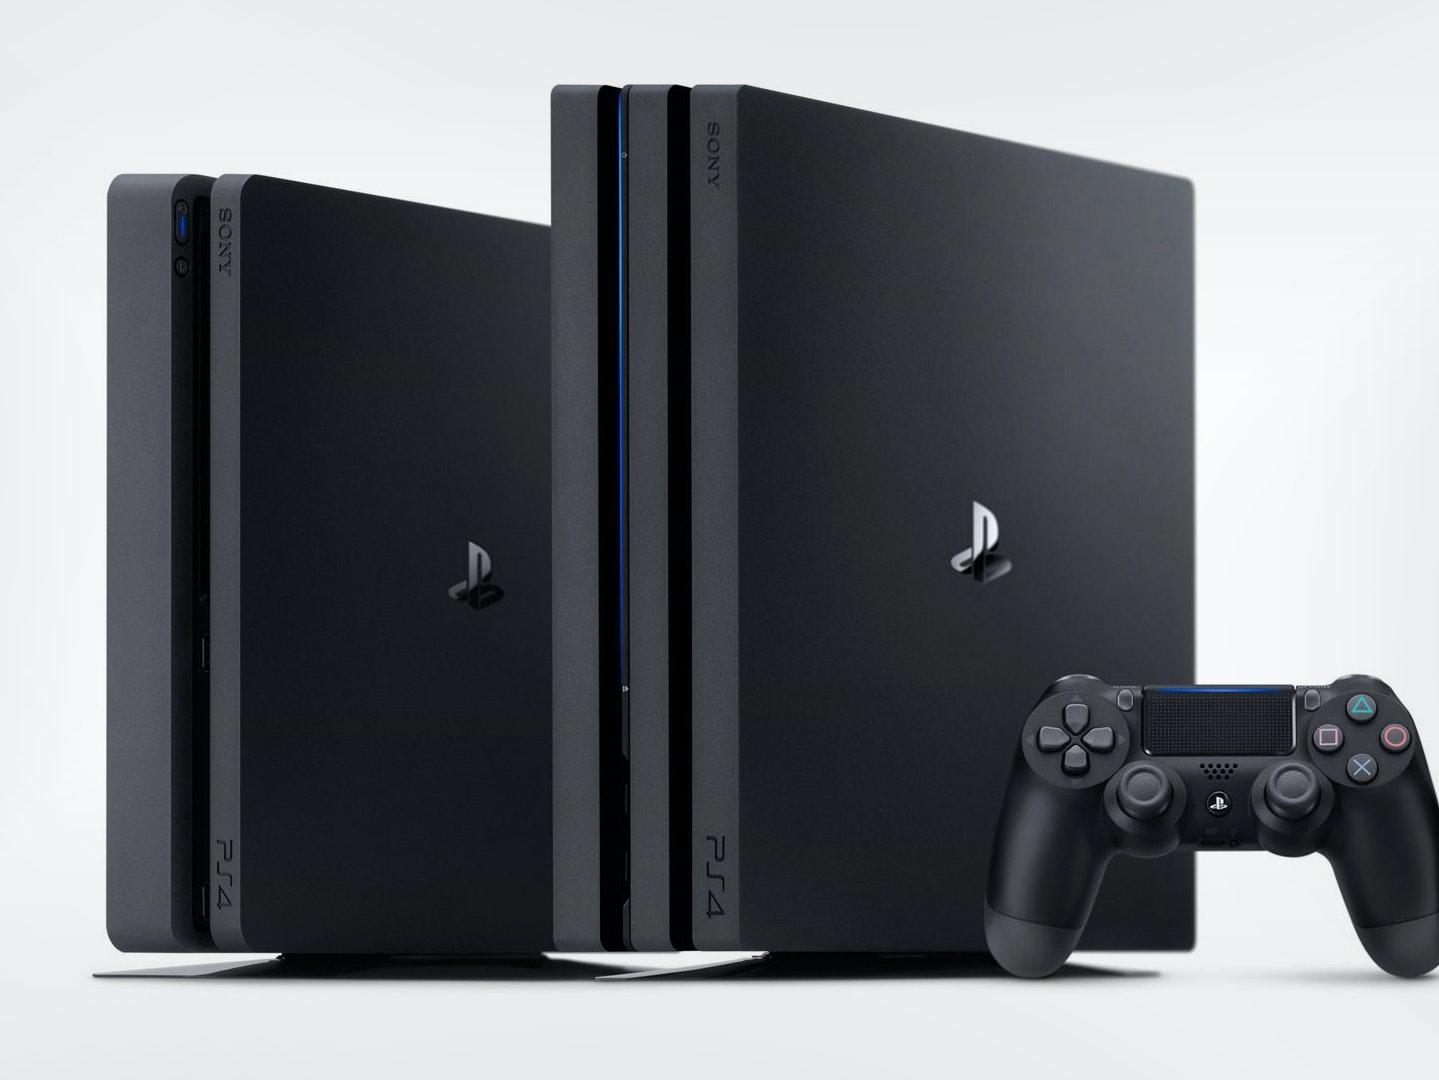 PS4 Pro Looks Like a Big Mistake